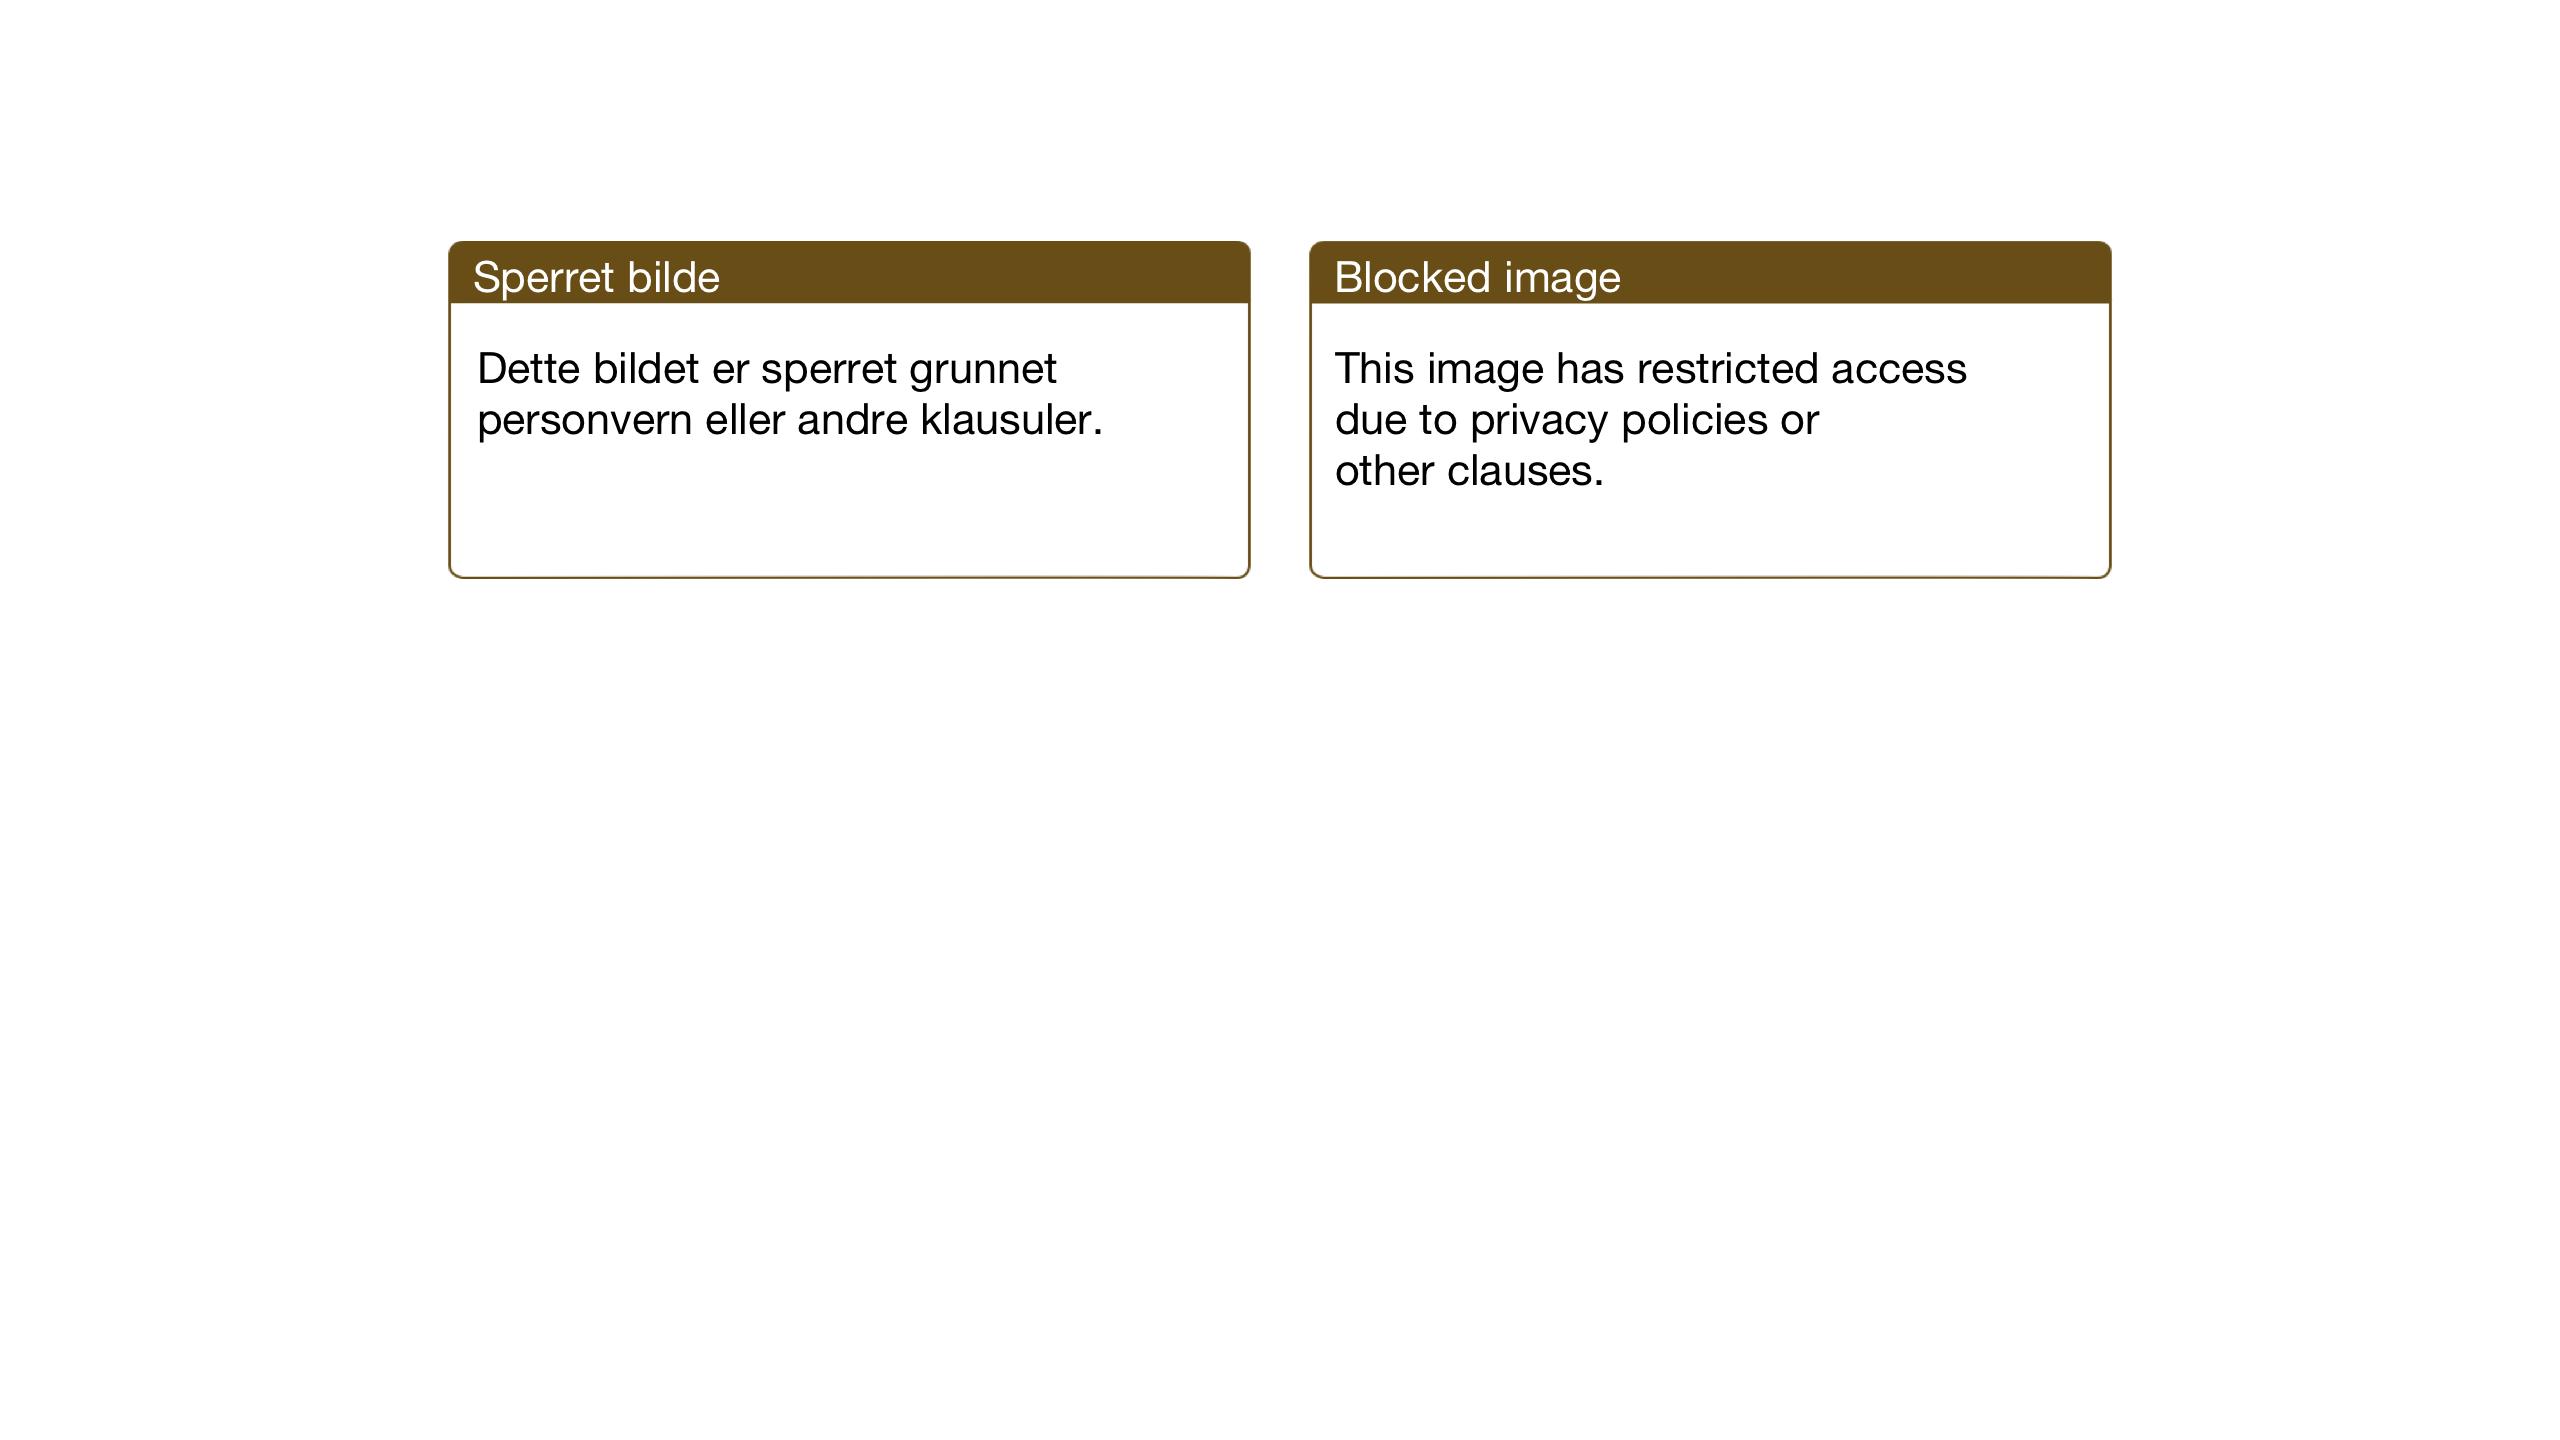 SAT, Ministerialprotokoller, klokkerbøker og fødselsregistre - Sør-Trøndelag, 638/L0569: Klokkerbok nr. 638C01, 1923-1961, s. 56